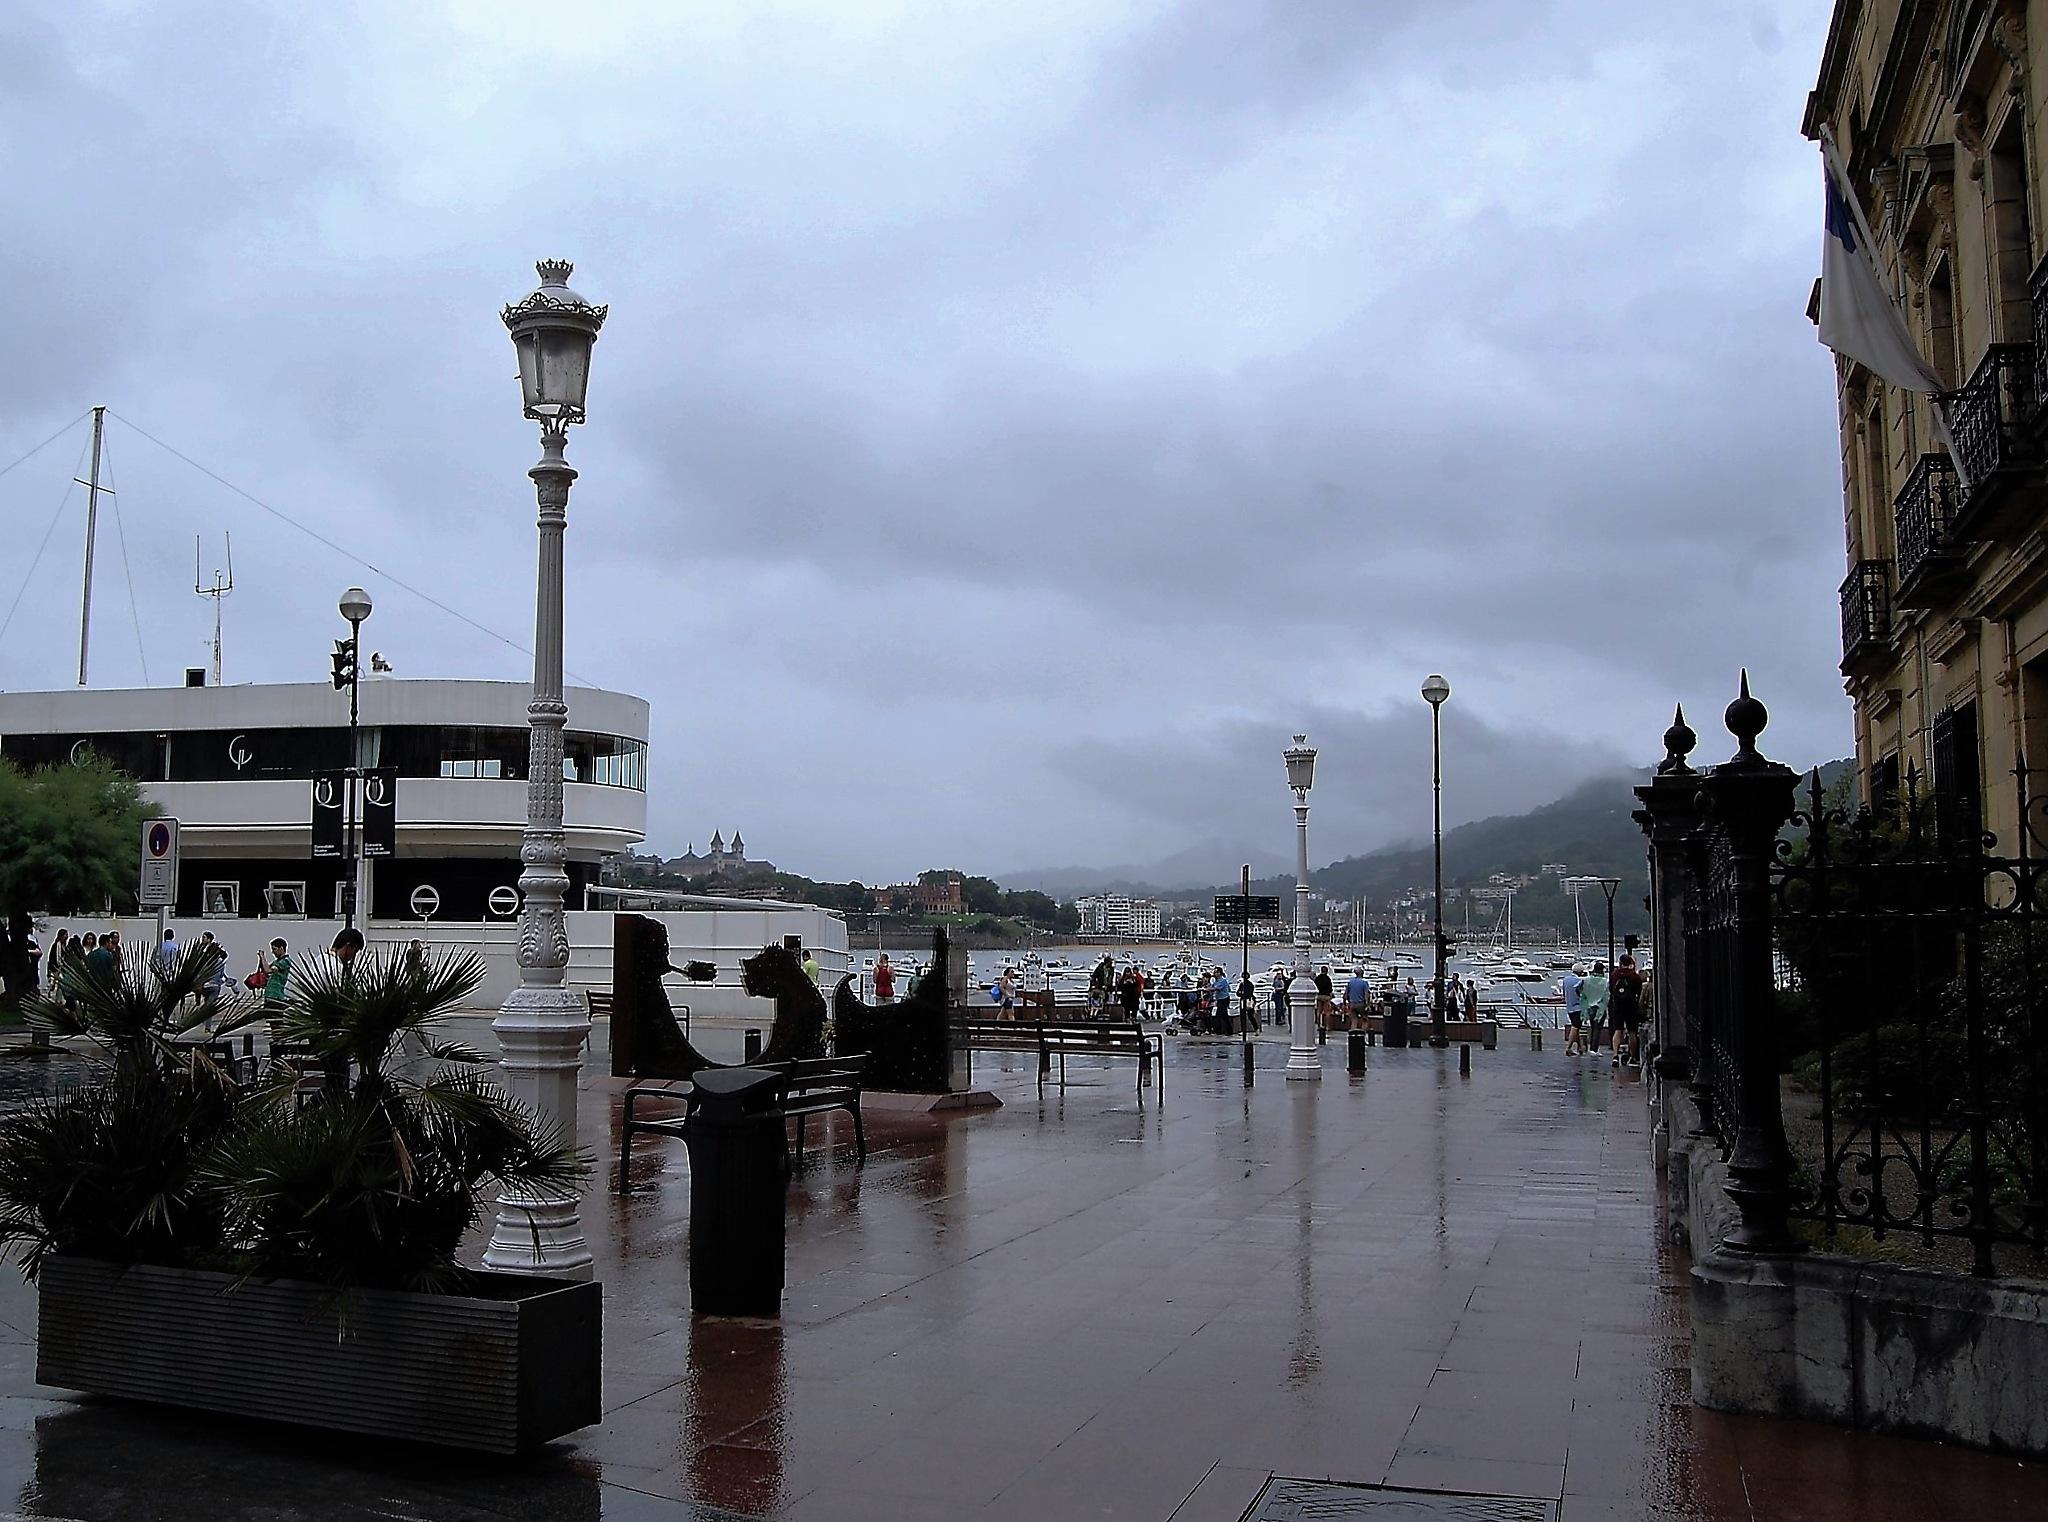 A rainy day in San Sebastian by lillemor.ekstrom ek